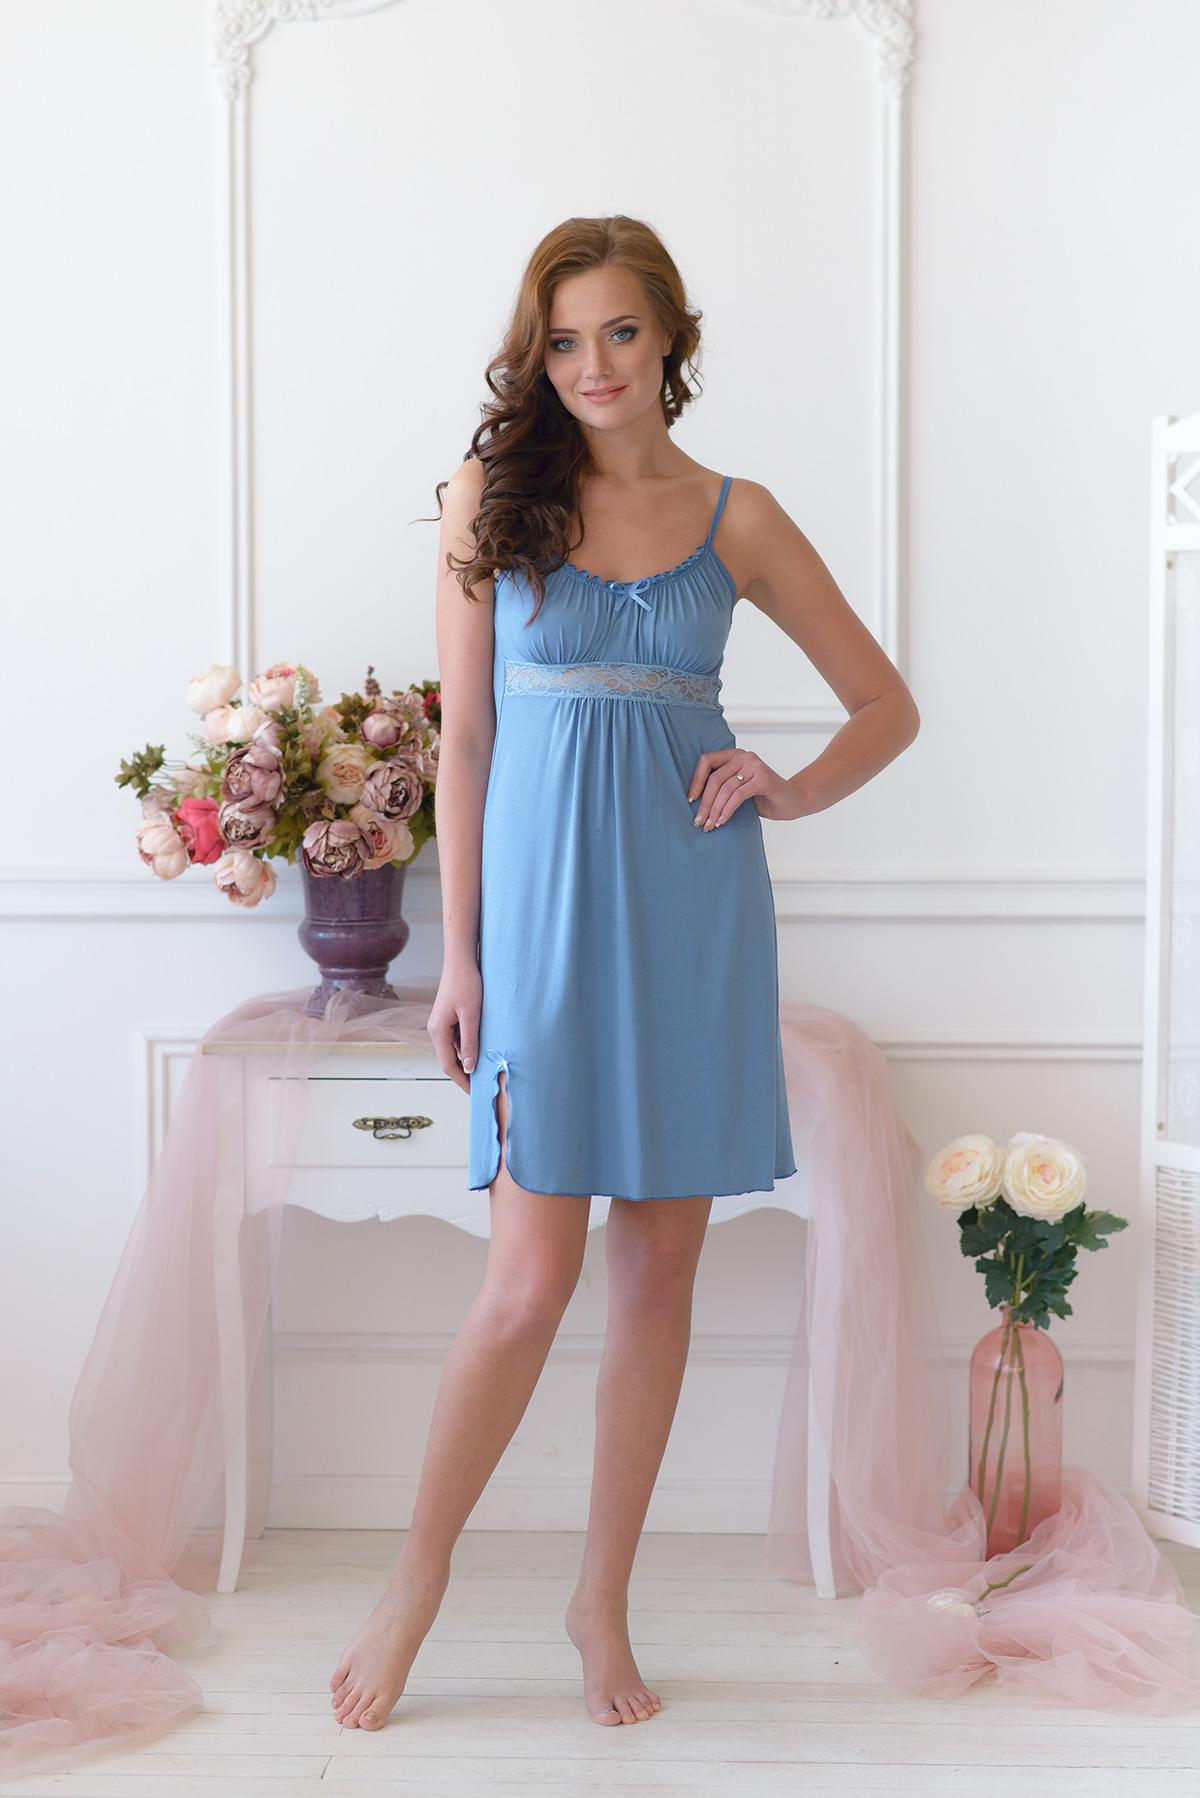 Жен. сорочка арт. 19-0017 Серо-голубой р. 42Ночные сорочки<br>Факт. ОГ: 58 см <br>Факт. ОТ: 78 см <br>Факт. ОБ: 92 см <br>Длина по спинке: 60 см<br><br>Тип: Жен. сорочка<br>Размер: 42<br>Материал: Вискоза